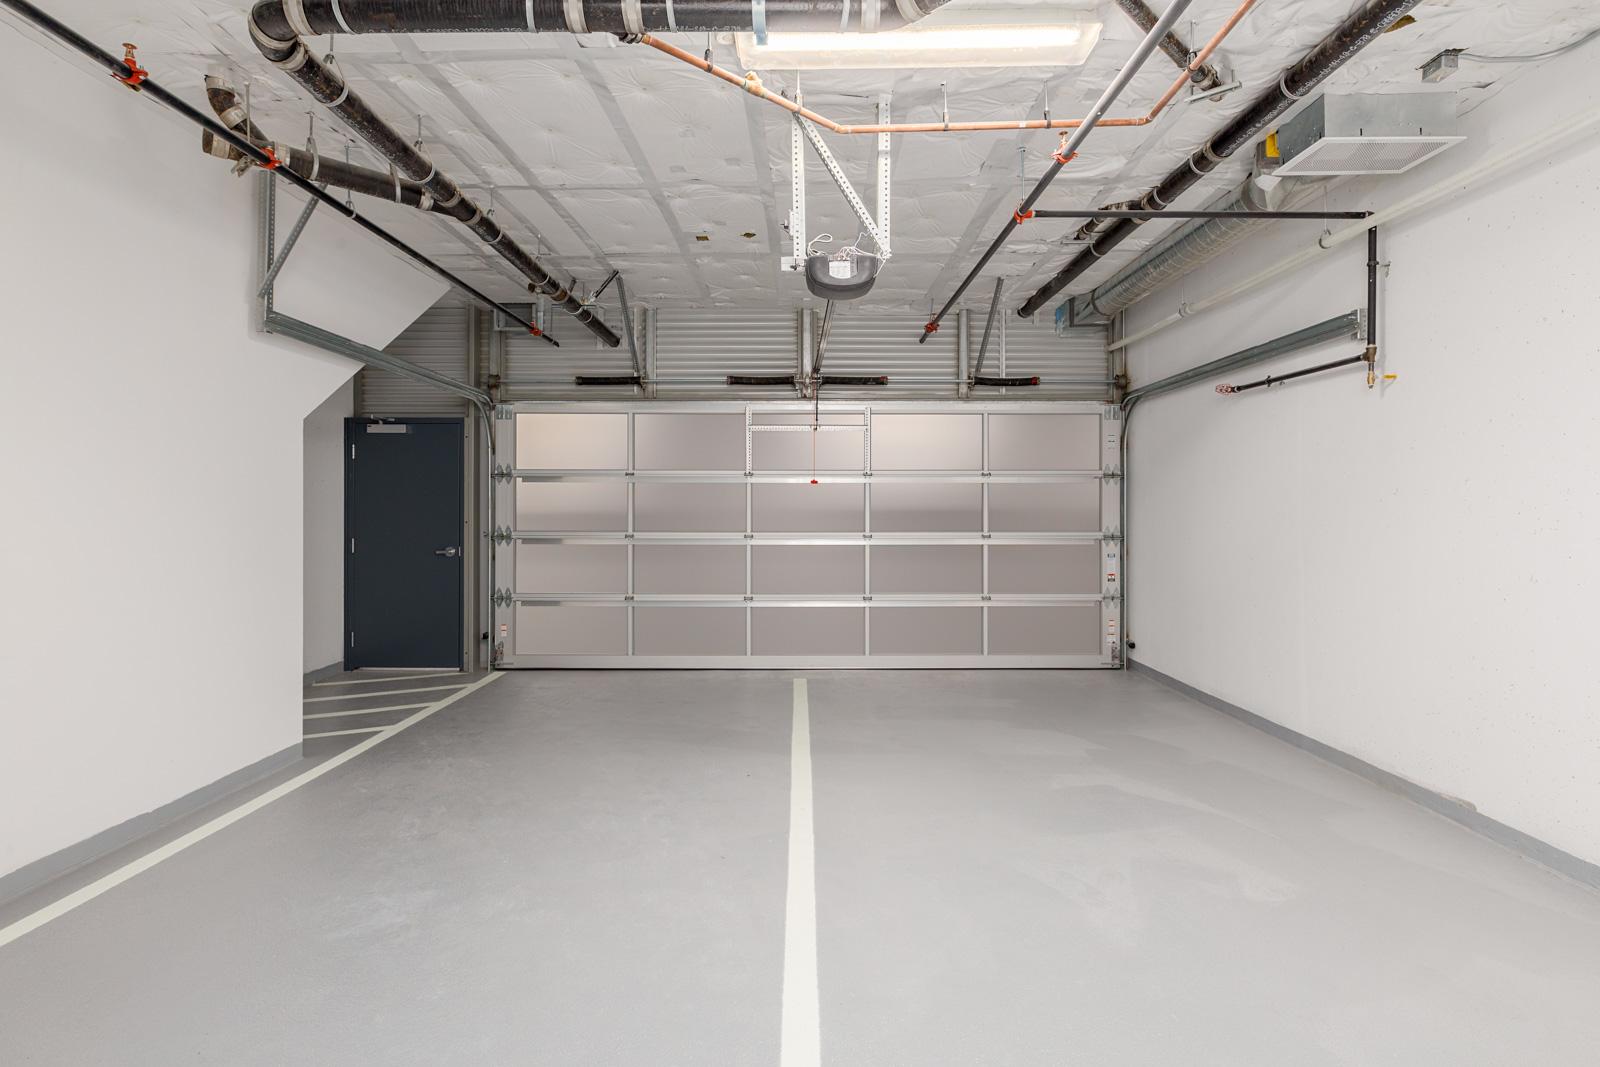 2-car garage of Vancouver luxury condo.